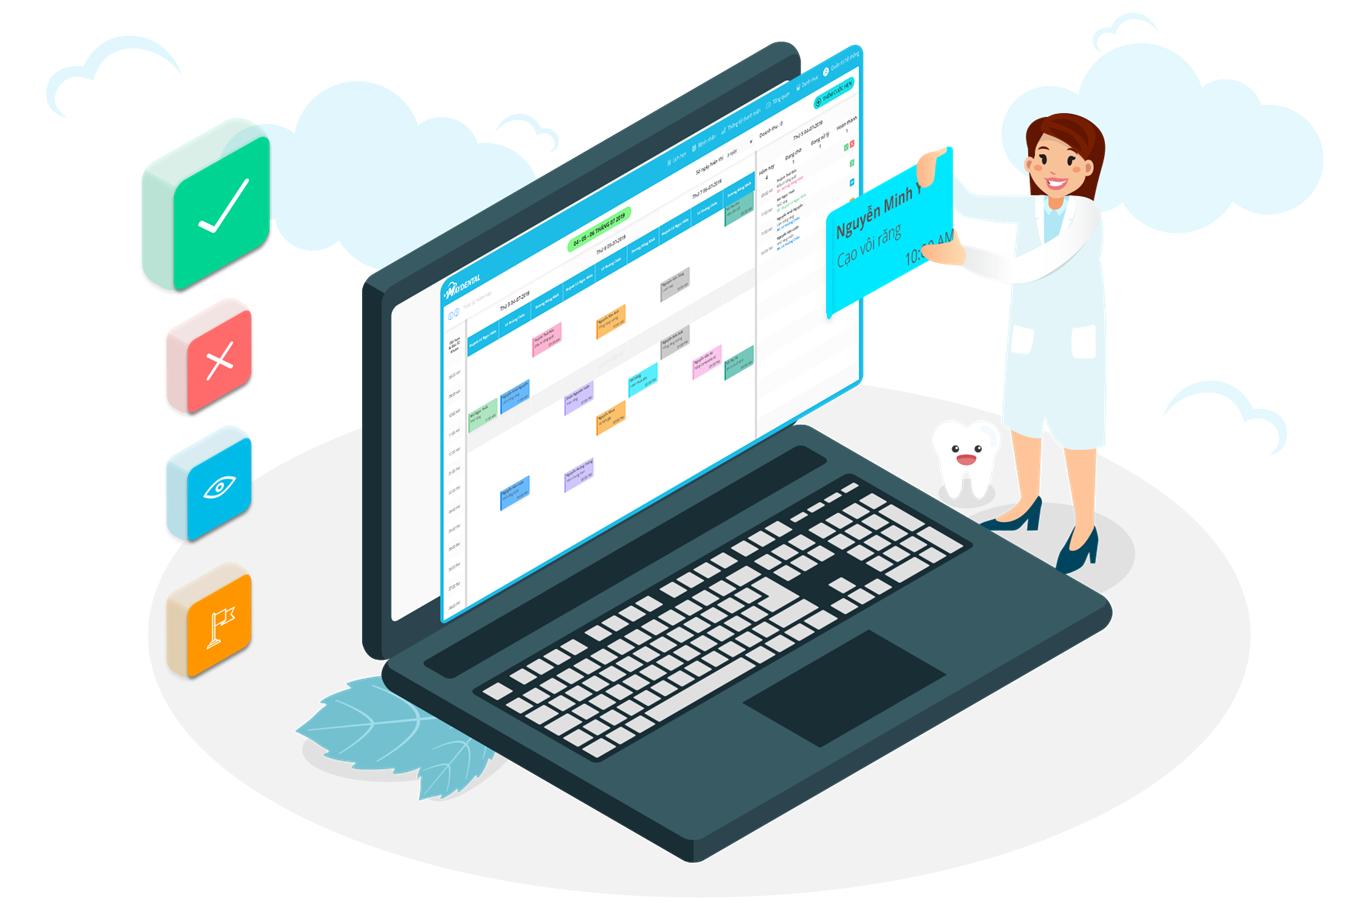 Cách lựa chọn phần mềm quản lý phù hợp với nha khoa